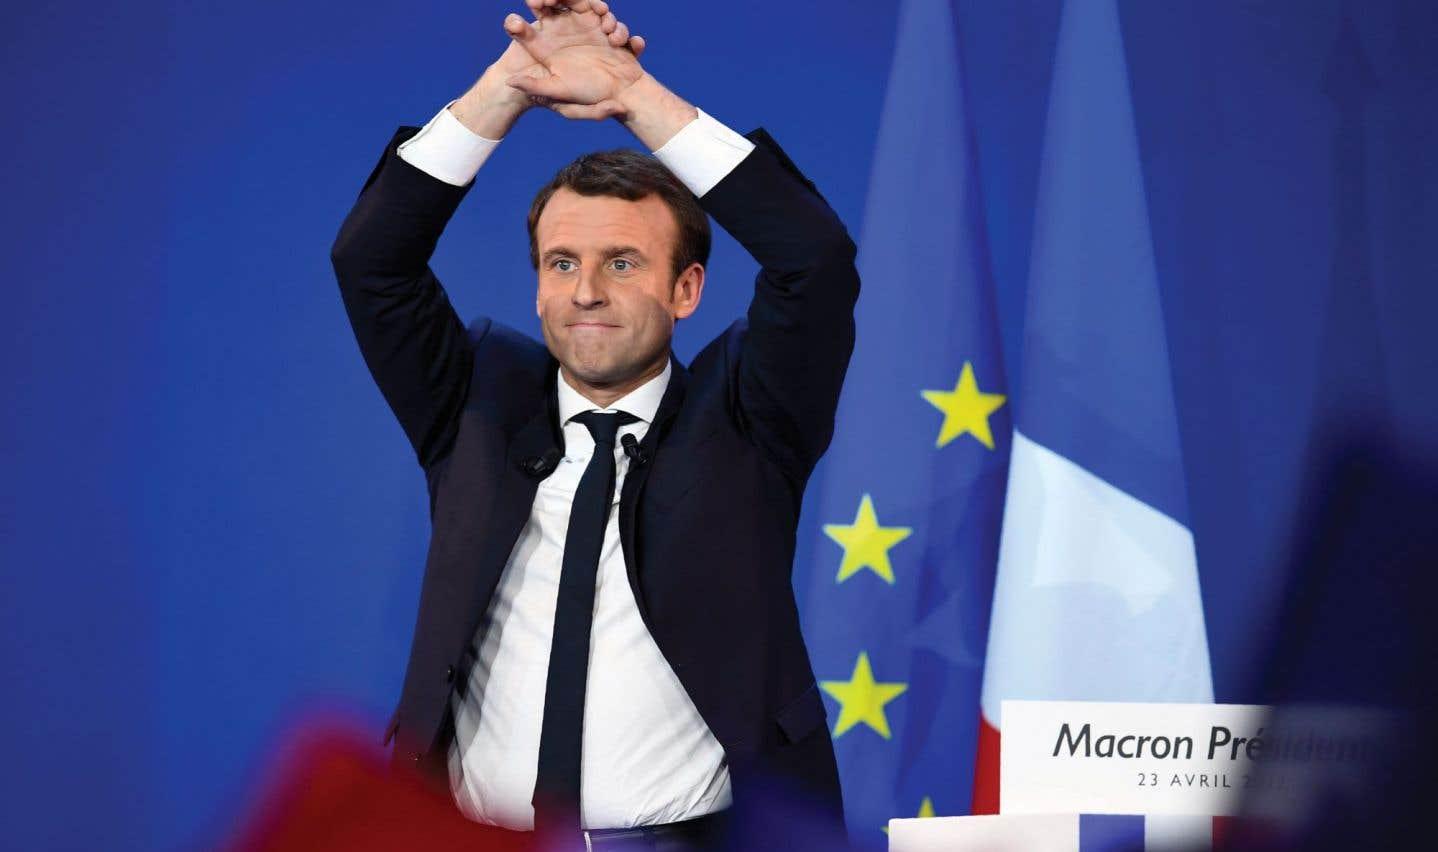 Les marchés saluent un «scénario parfait» avec Macron